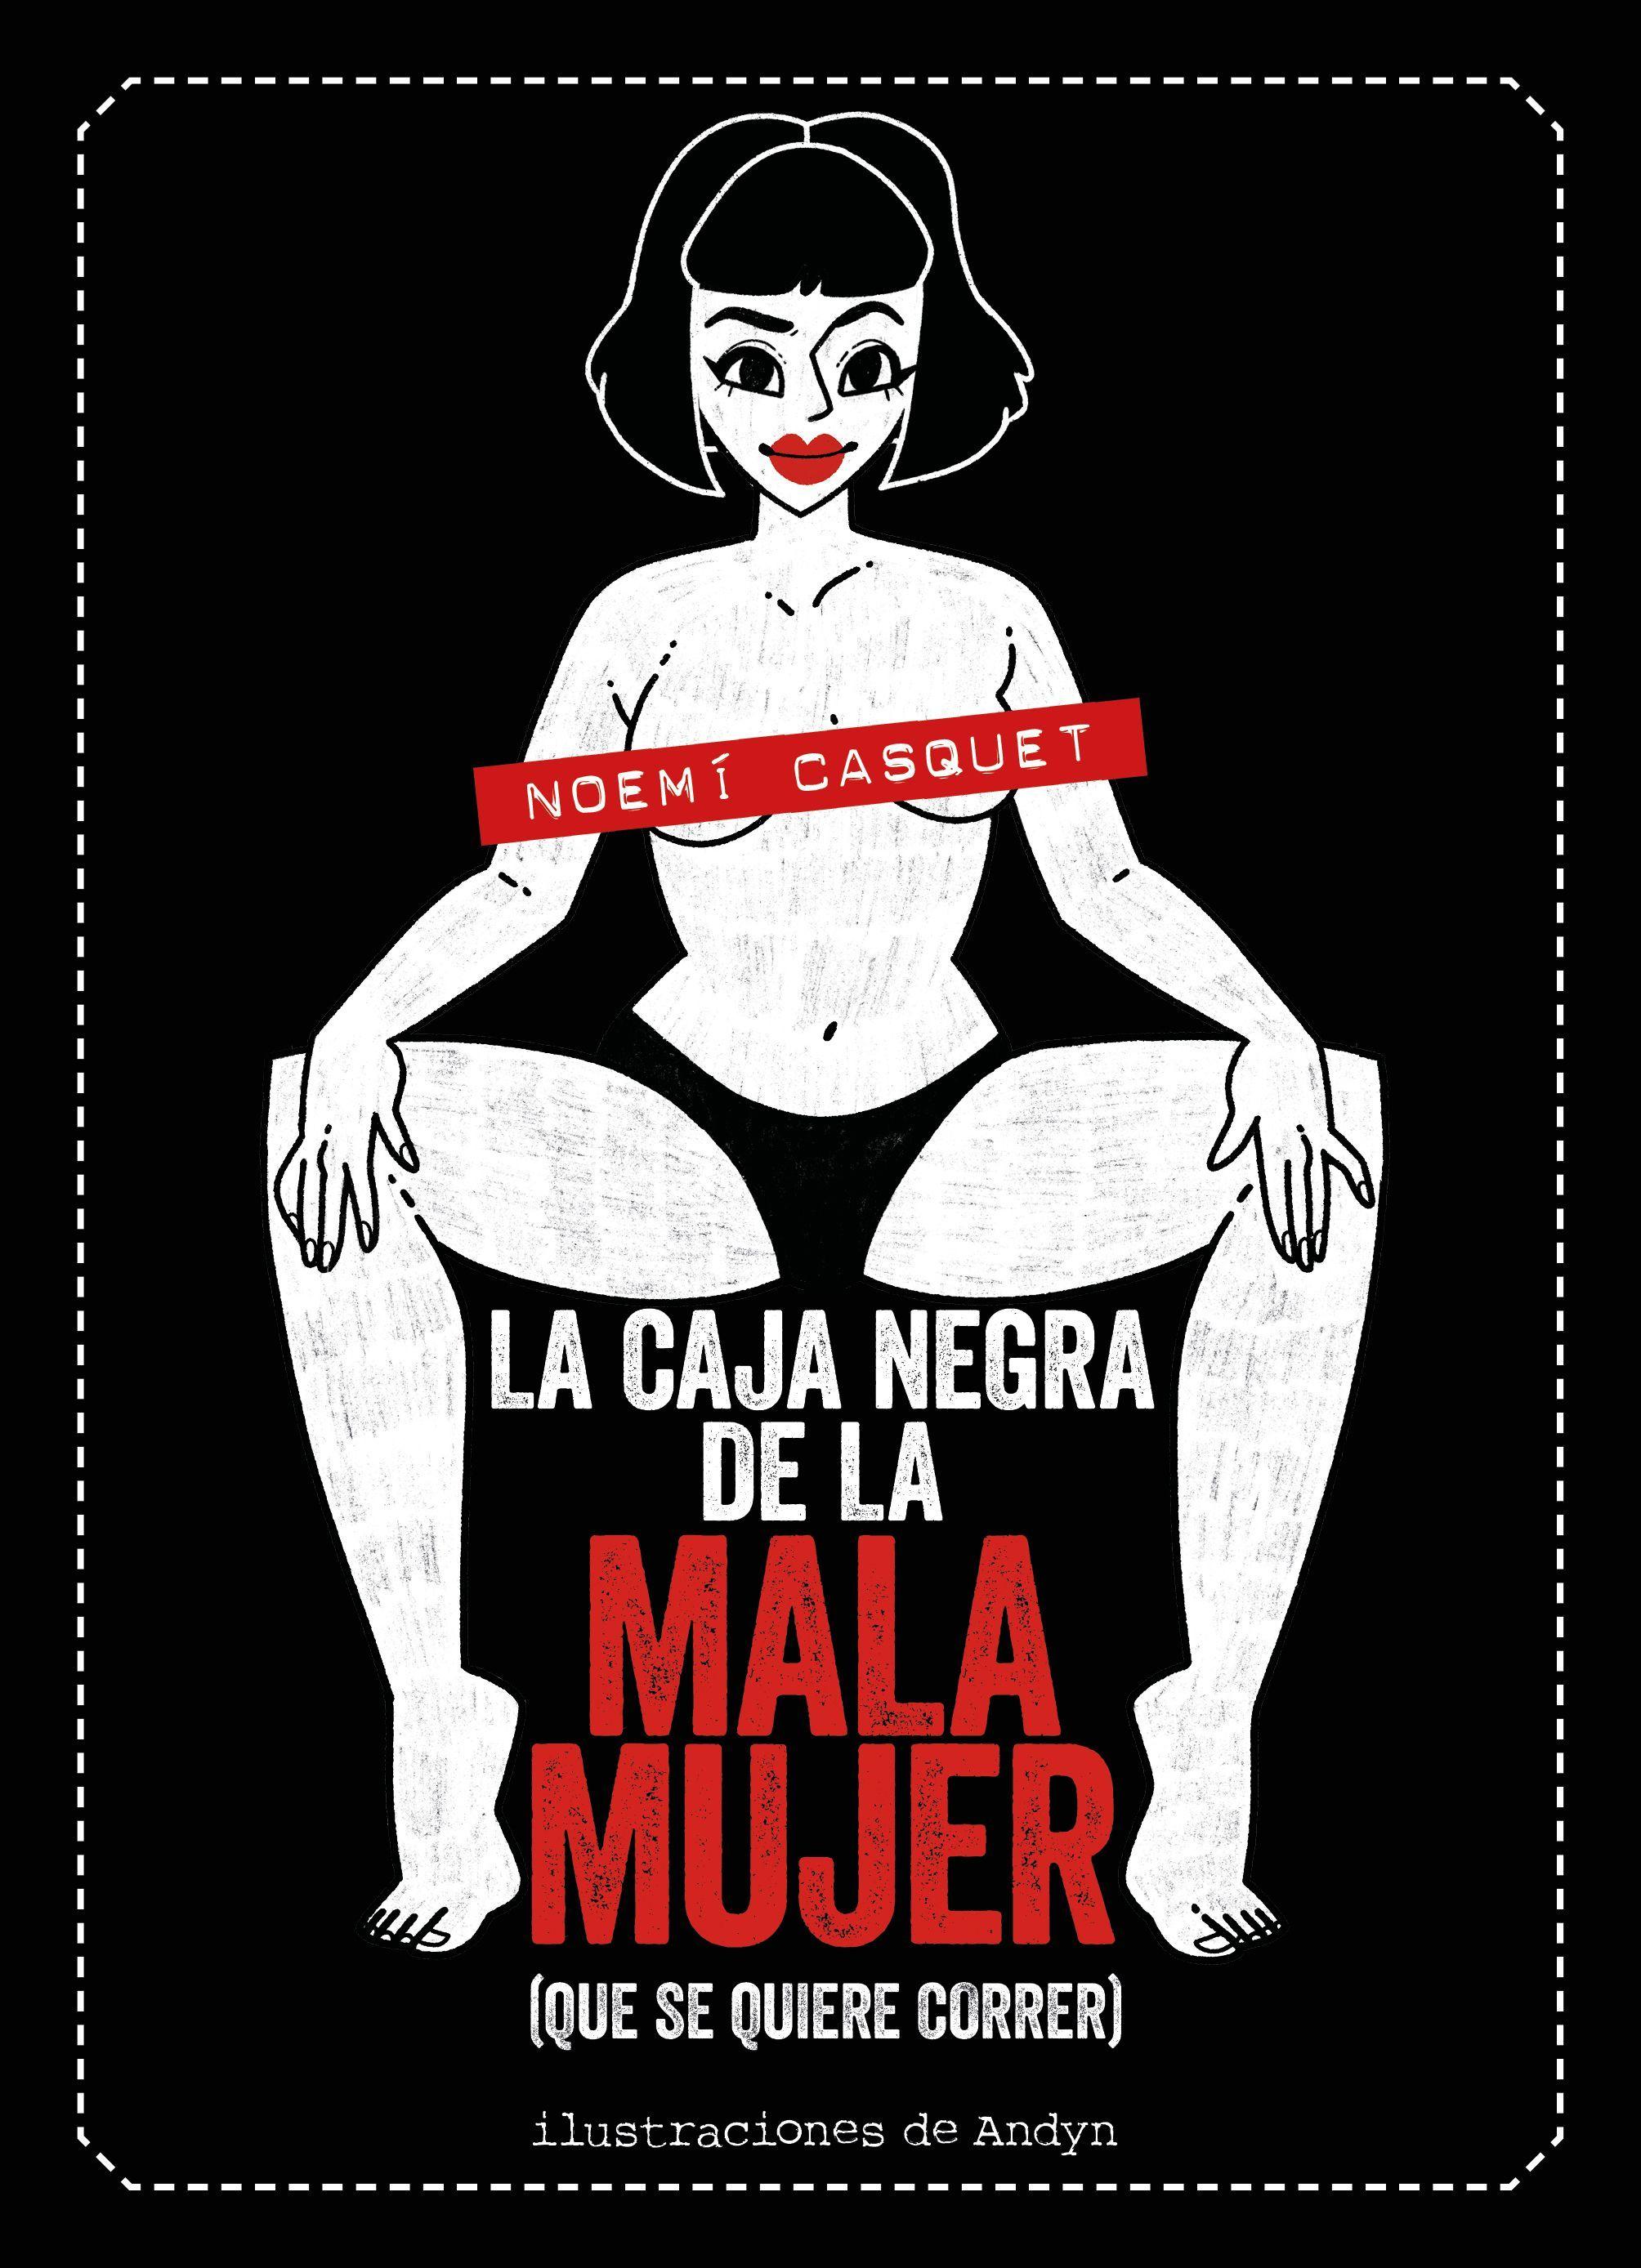 CAJA NEGRA DE LA MALA MUJER LA